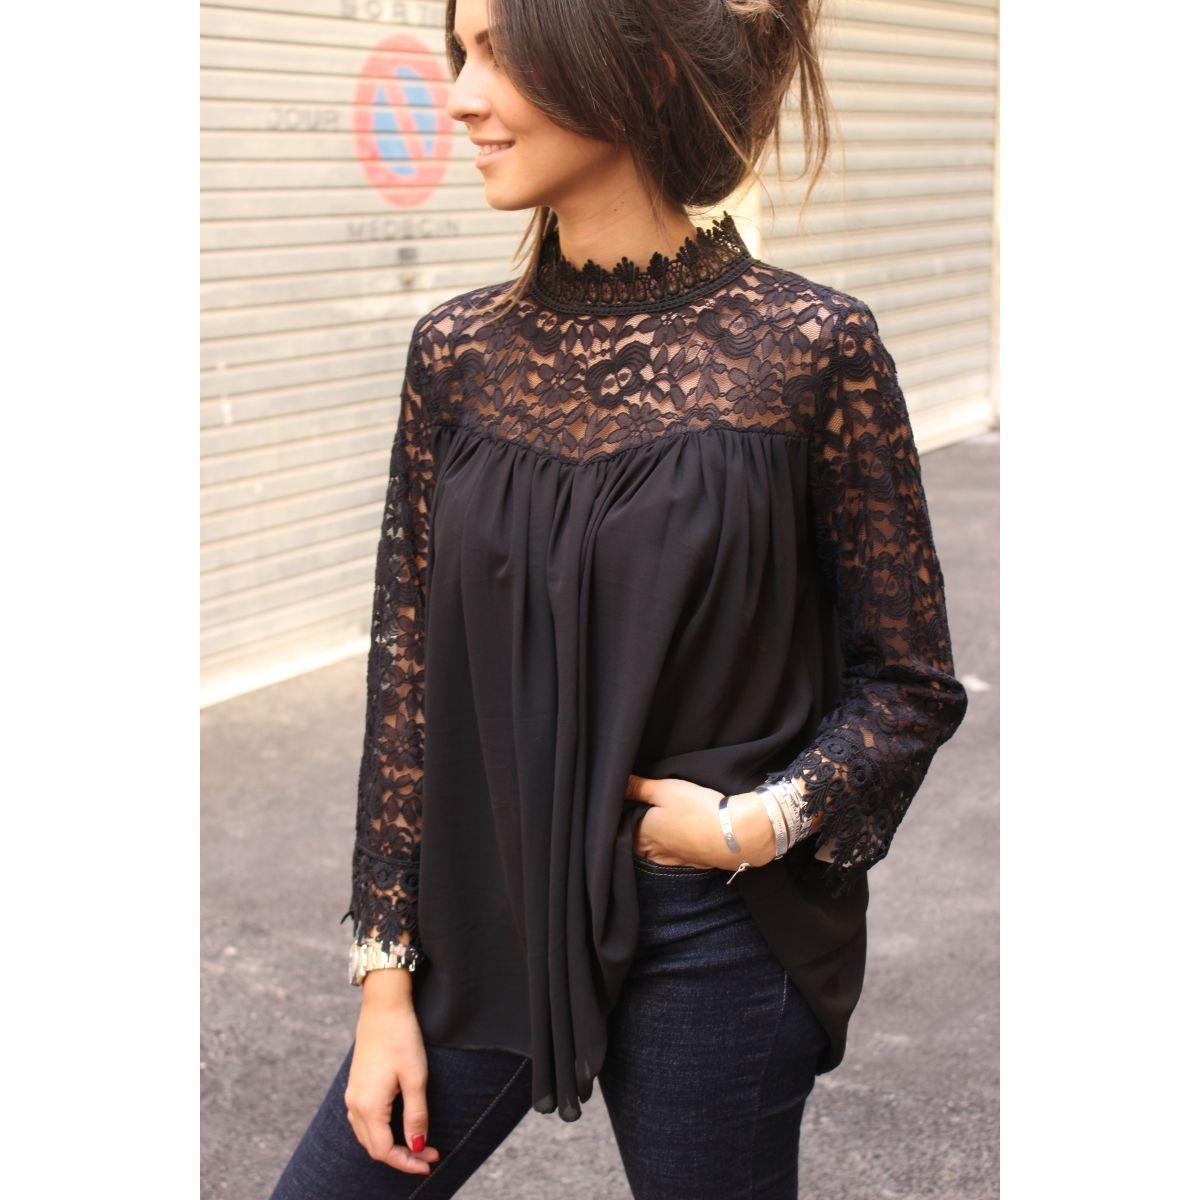 dc13b10c1a0c Blusa Dama Negra Encaje Tops Elegante Moda Camiseta Playera